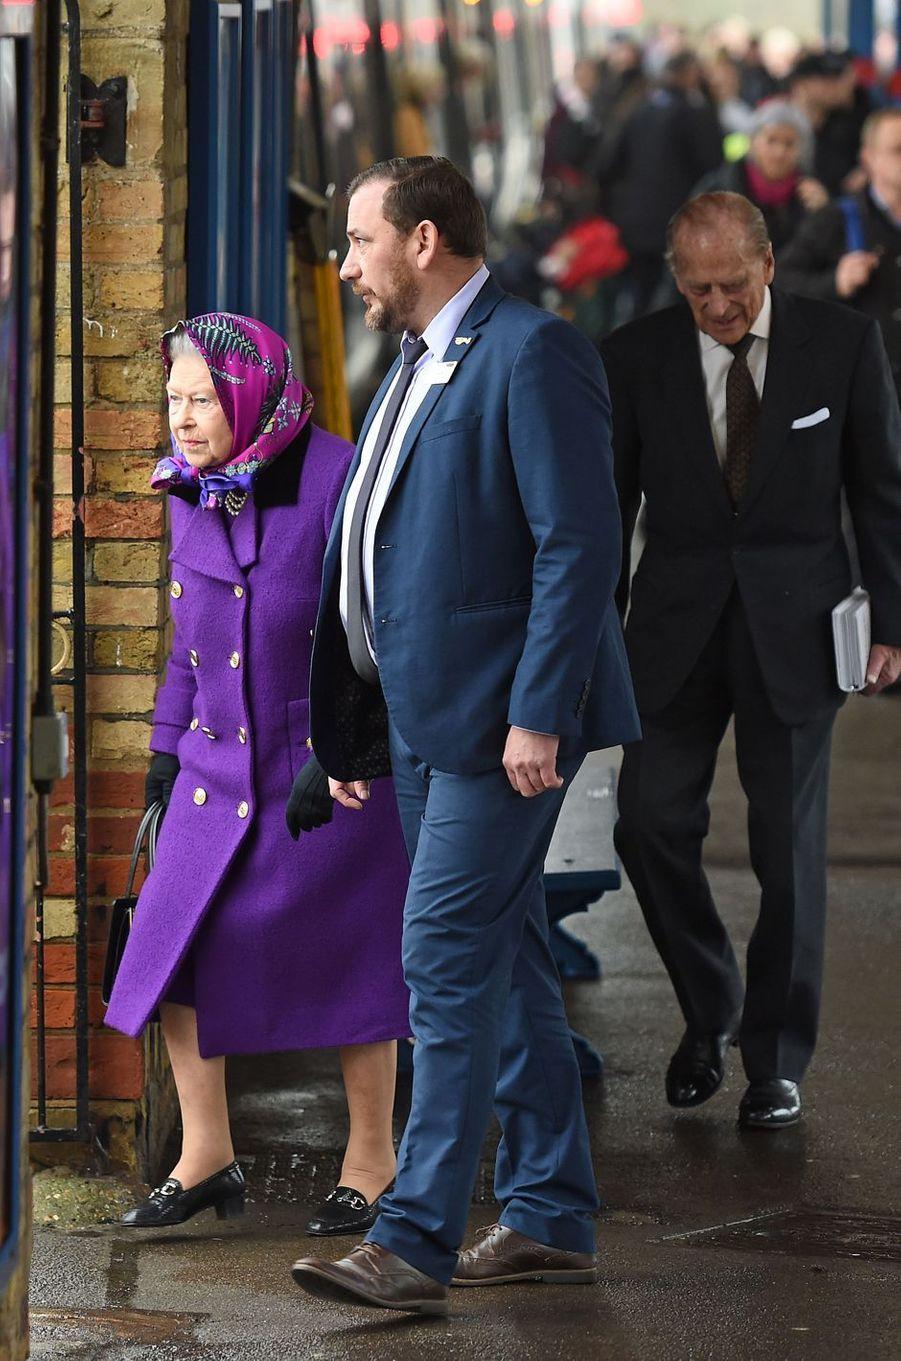 La reine Elizabeth II et le prince Philip à la gare de King's Lynn dans le Norfolk, le 21 décembre 2017